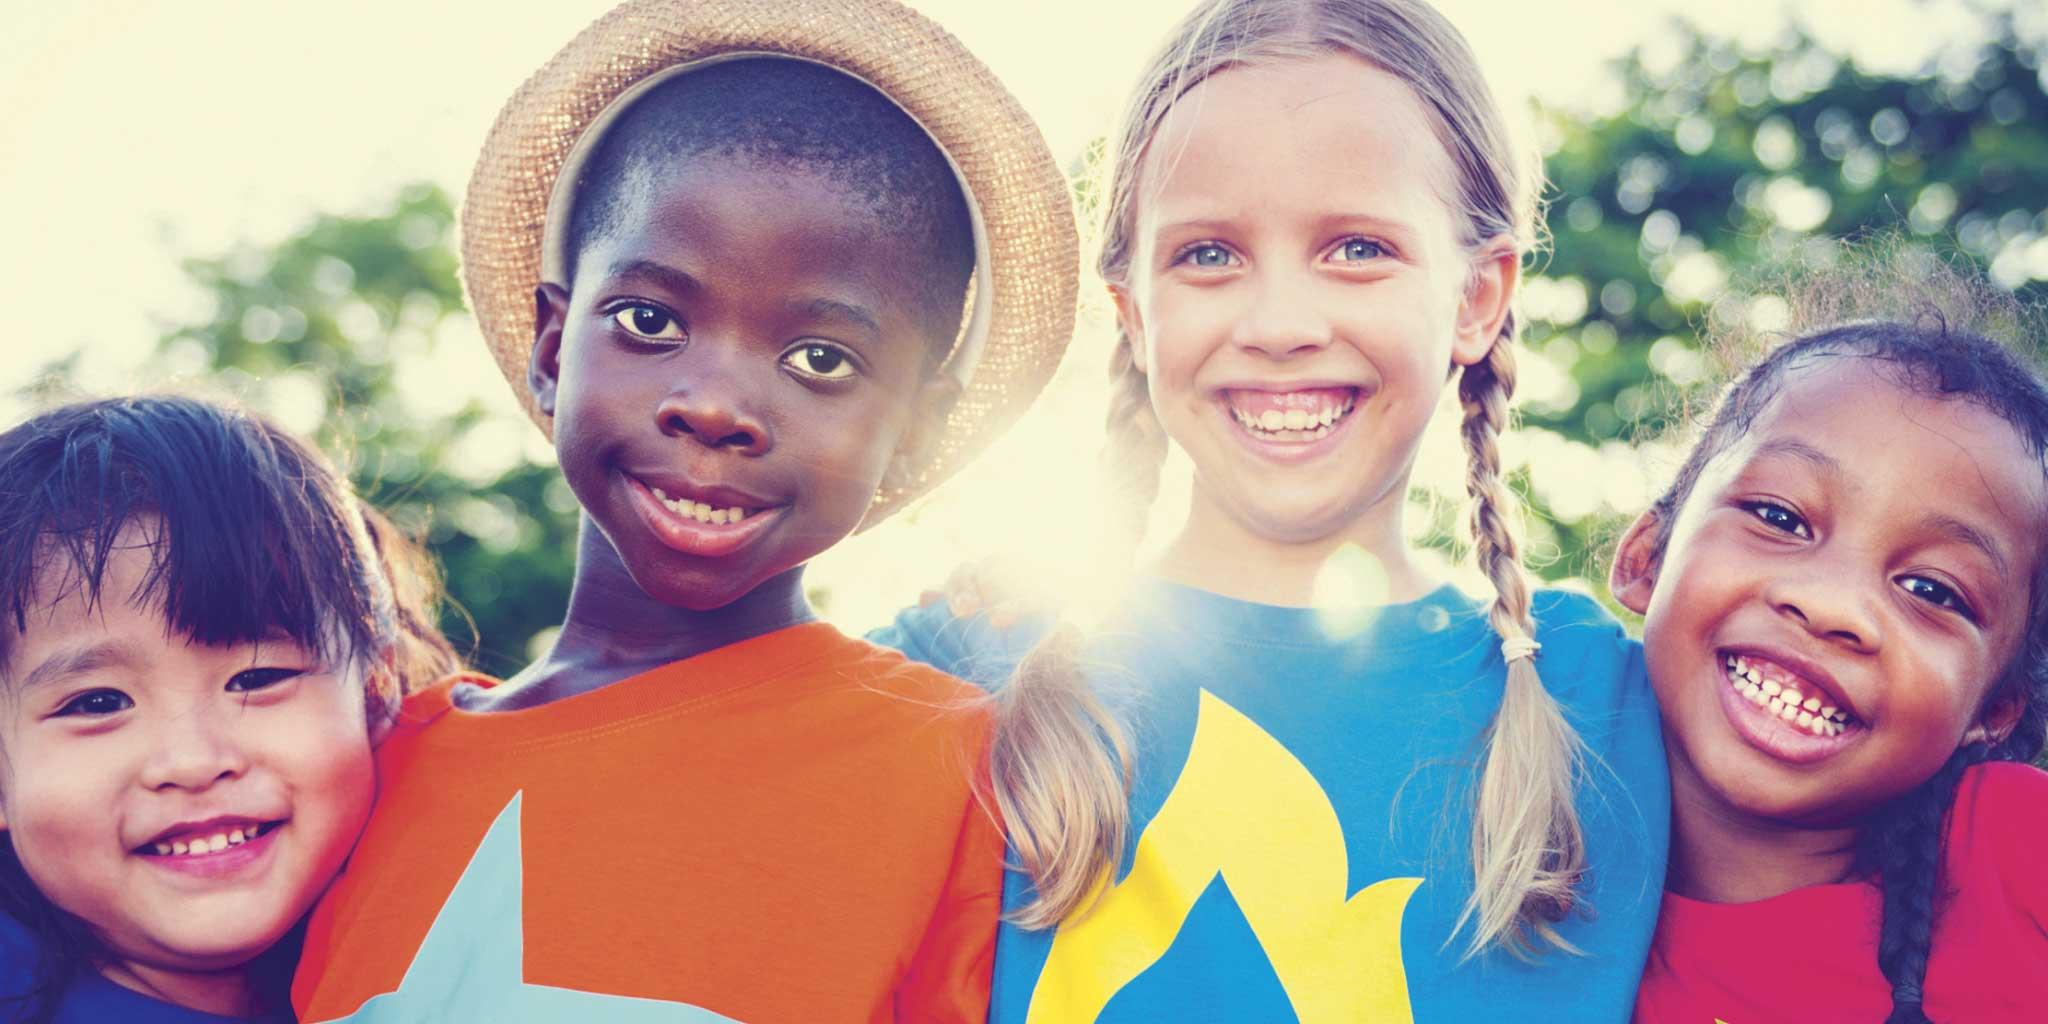 Kinderen van verschillende nationaliteiten lachen naar de camera